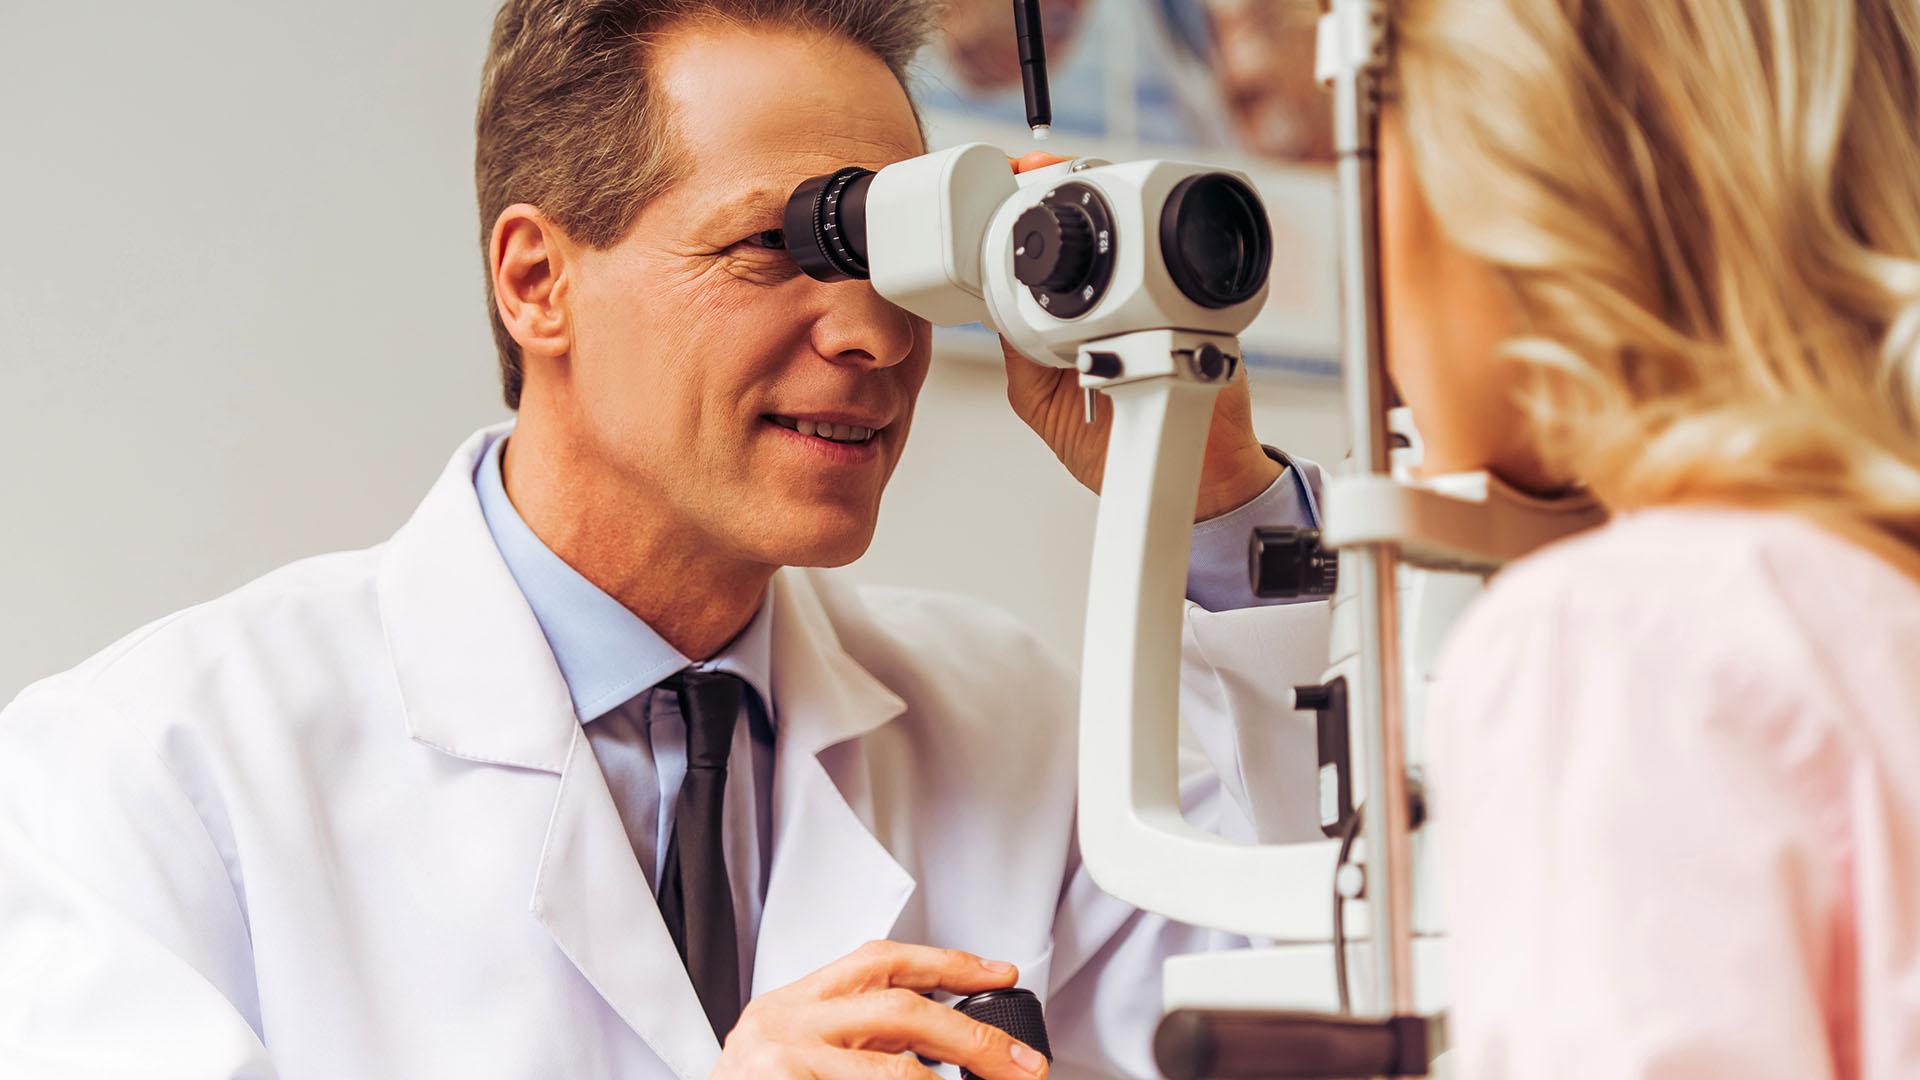 El progresivo deterioro de la visión generalmente transcurre sin ser detectado por el paciente (Getty)